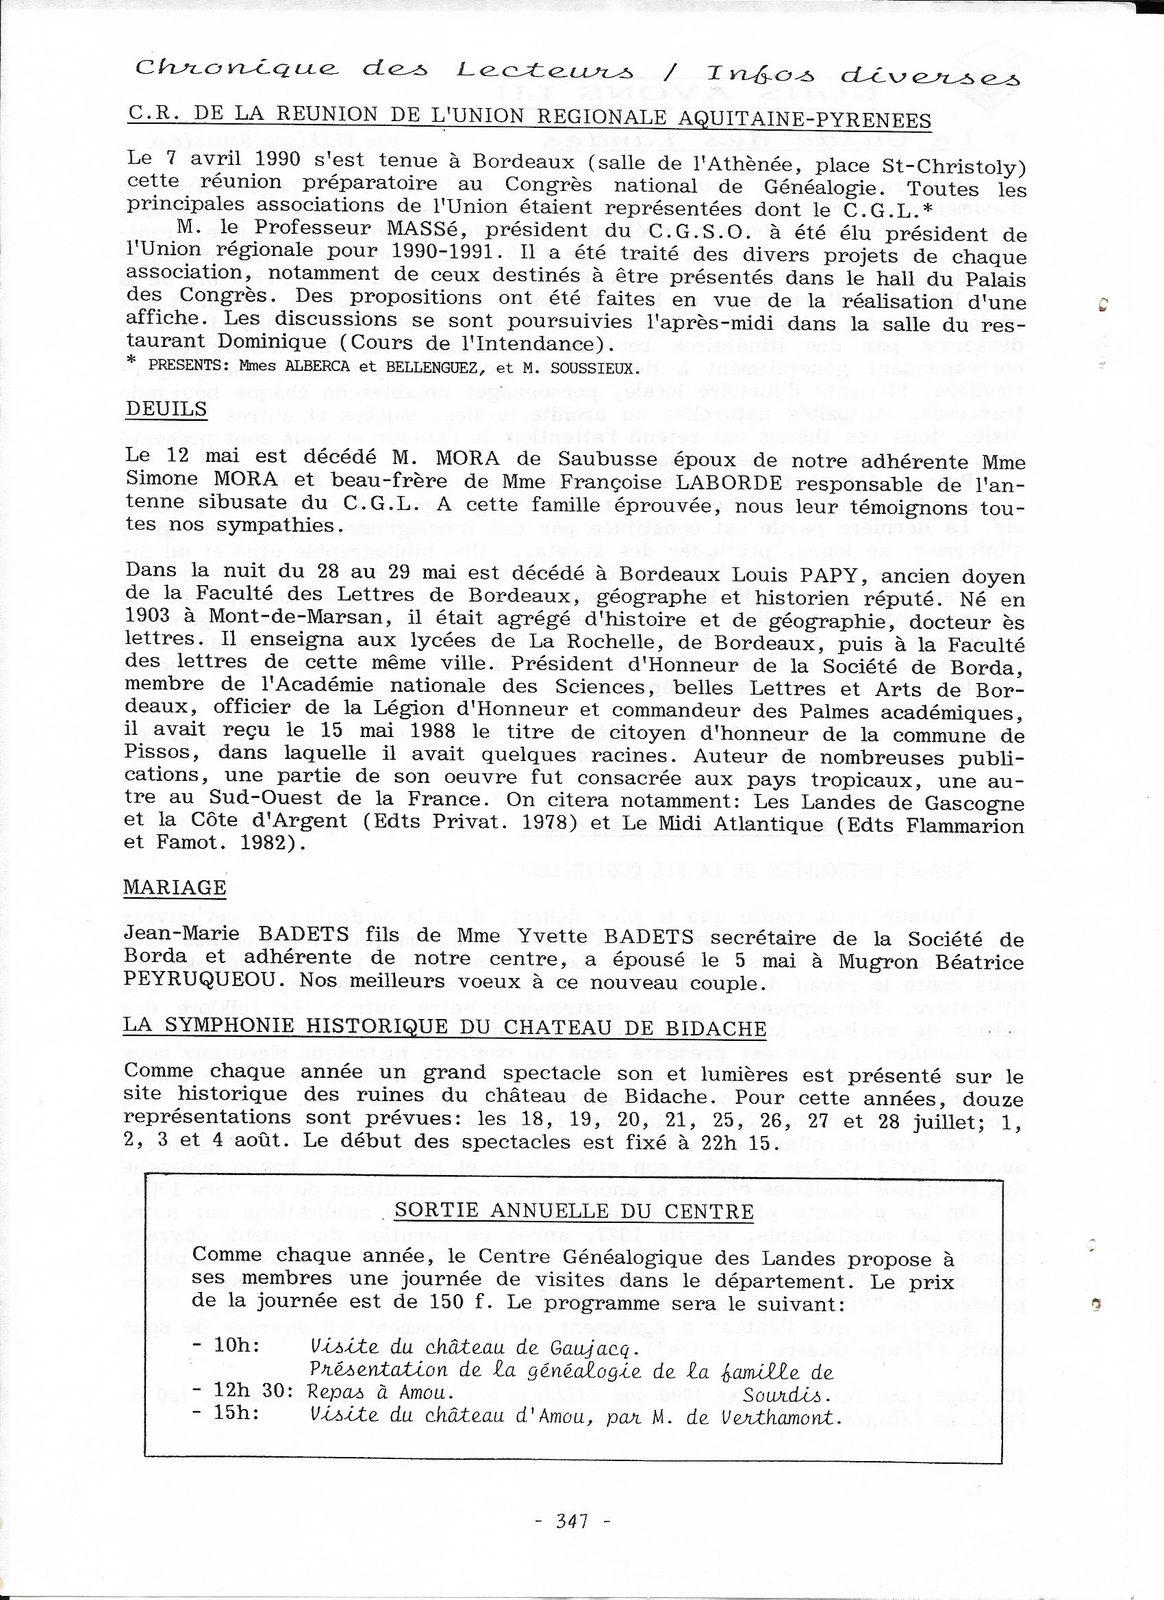 Reproduction du N°14   2e trimestre 1990